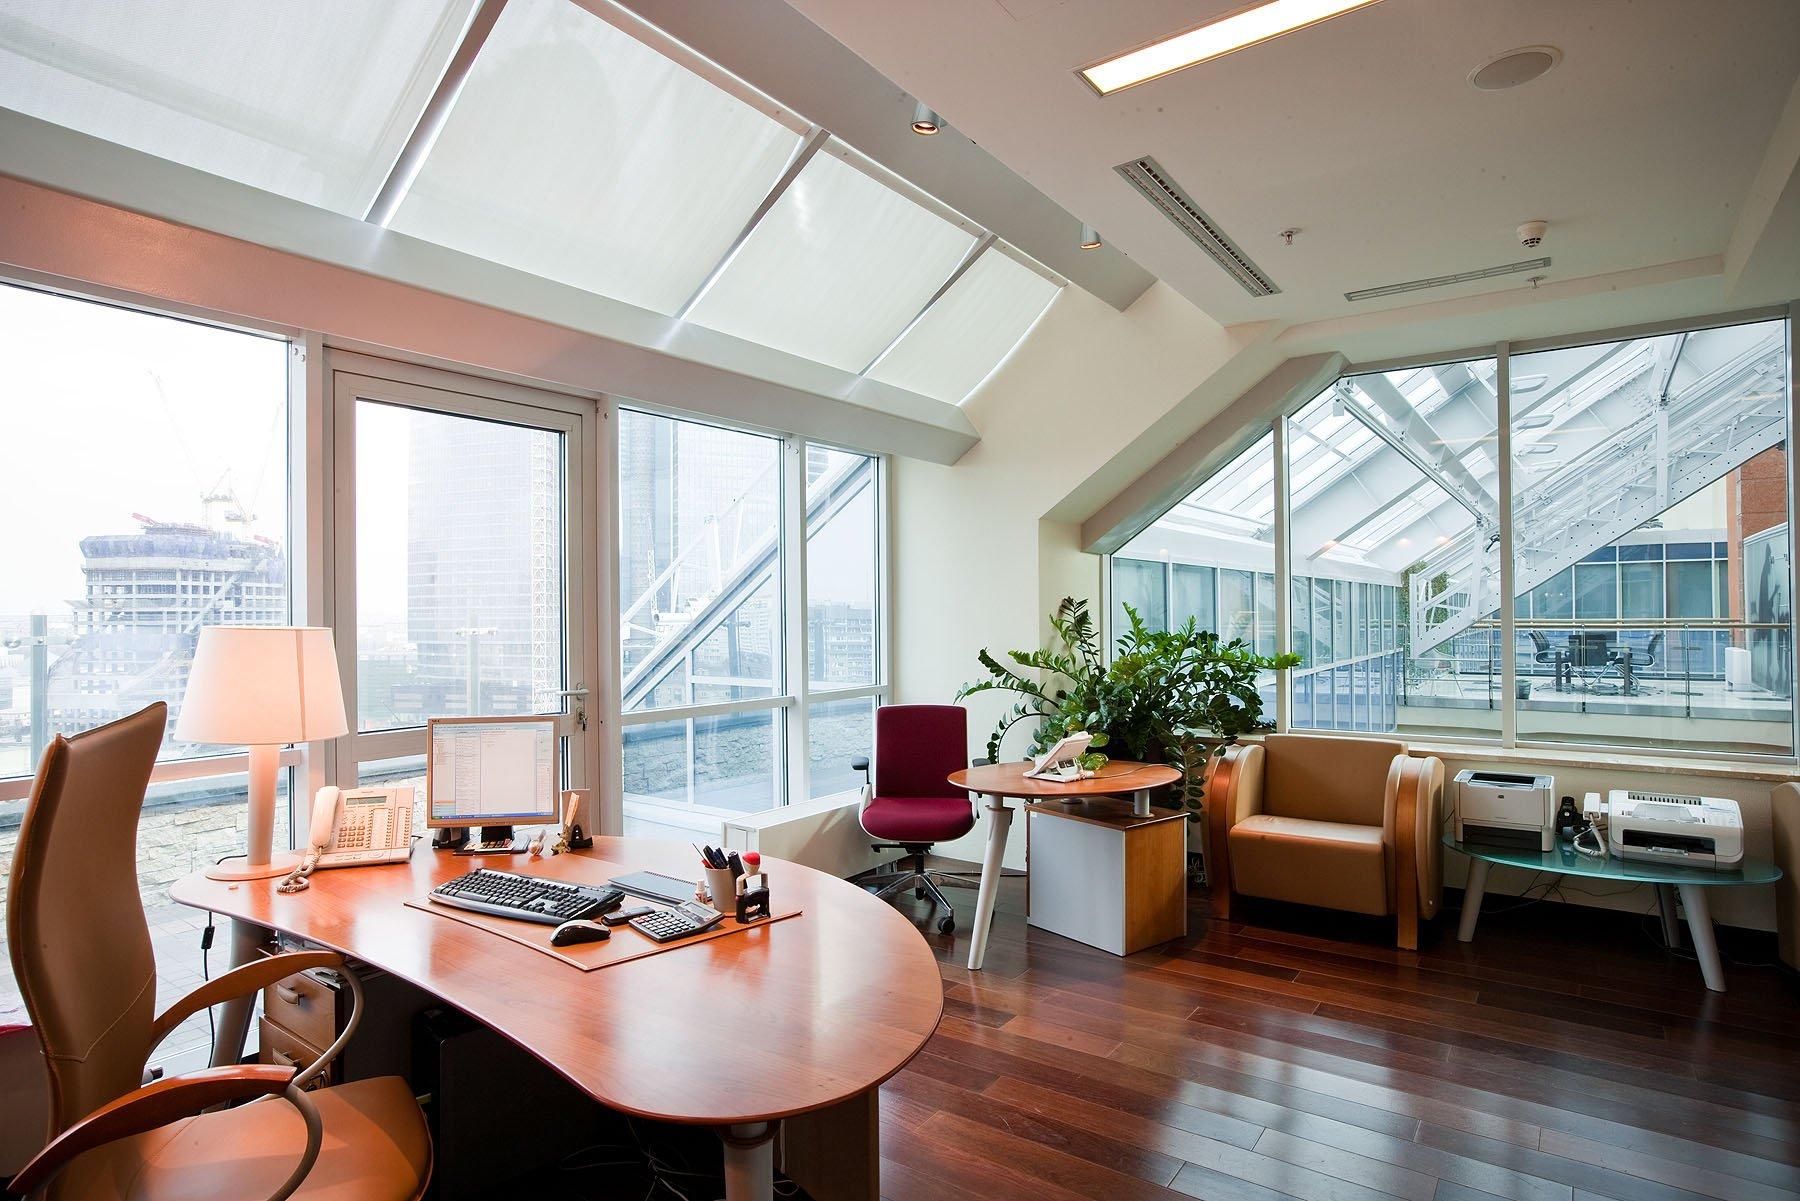 a890f1f67cb61c7b02548673bb1a4928 Аренда элитного офиса в центре Москвы – способ развития своего бизнеса